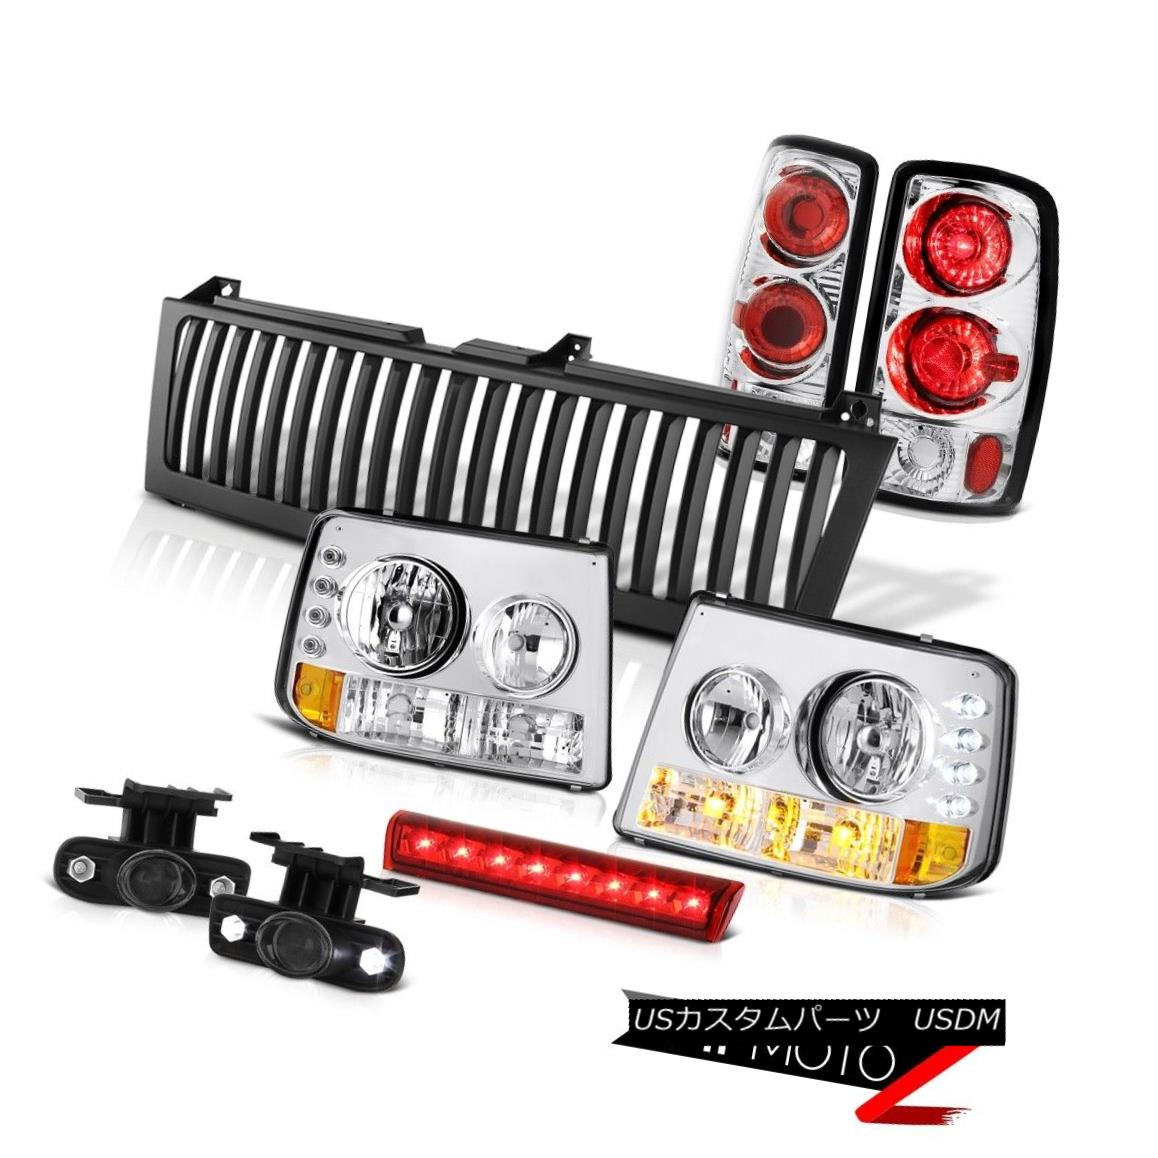 ヘッドライト Crystal Headlights Altezza Tail Lights Fog 3rd Red LED Black 00-06 Tahoe 5.3L クリスタルヘッドライトAltezzaテールライトフォグ3rdレッドLEDブラック00-06タホー5.3L